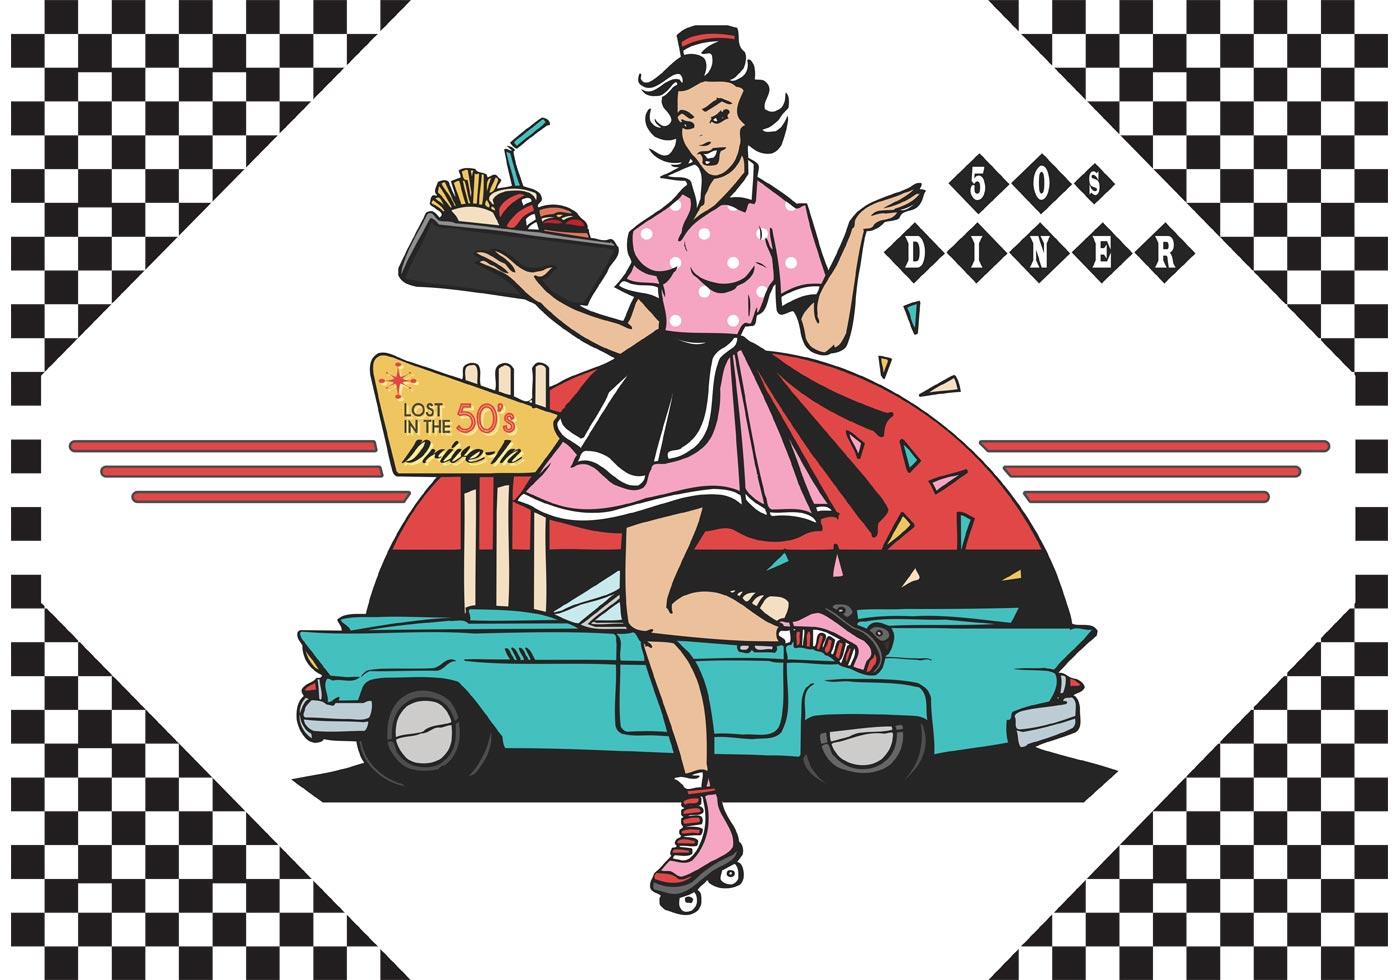 Free 50 39 s drive in diner vector ilustration download for Diner artwork